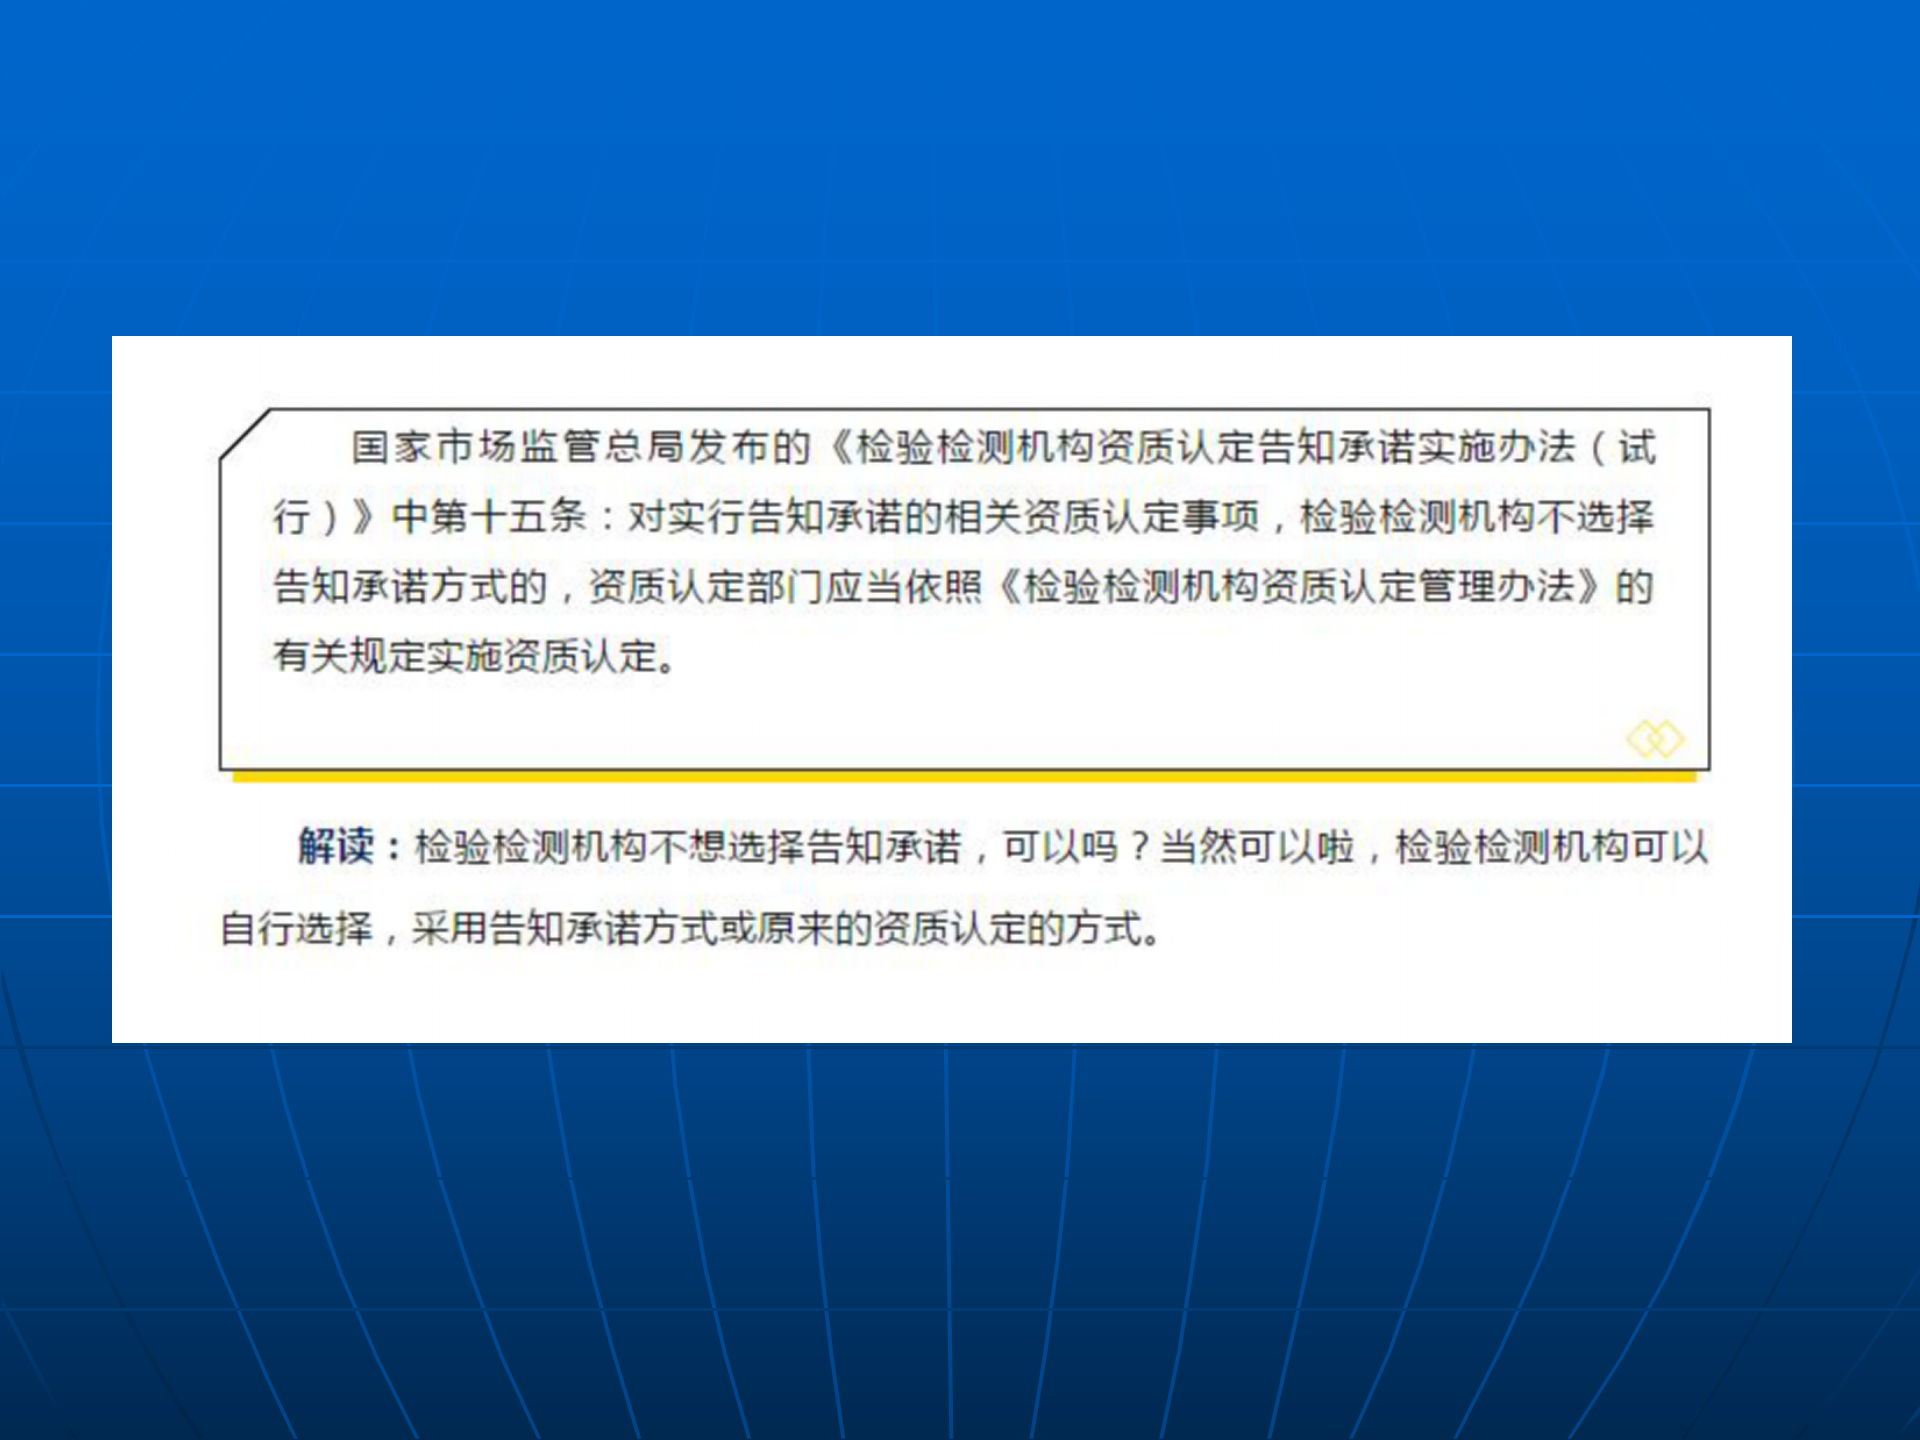 3检验检测机构资质认定告知承诺实施办法 要点解读_06.png